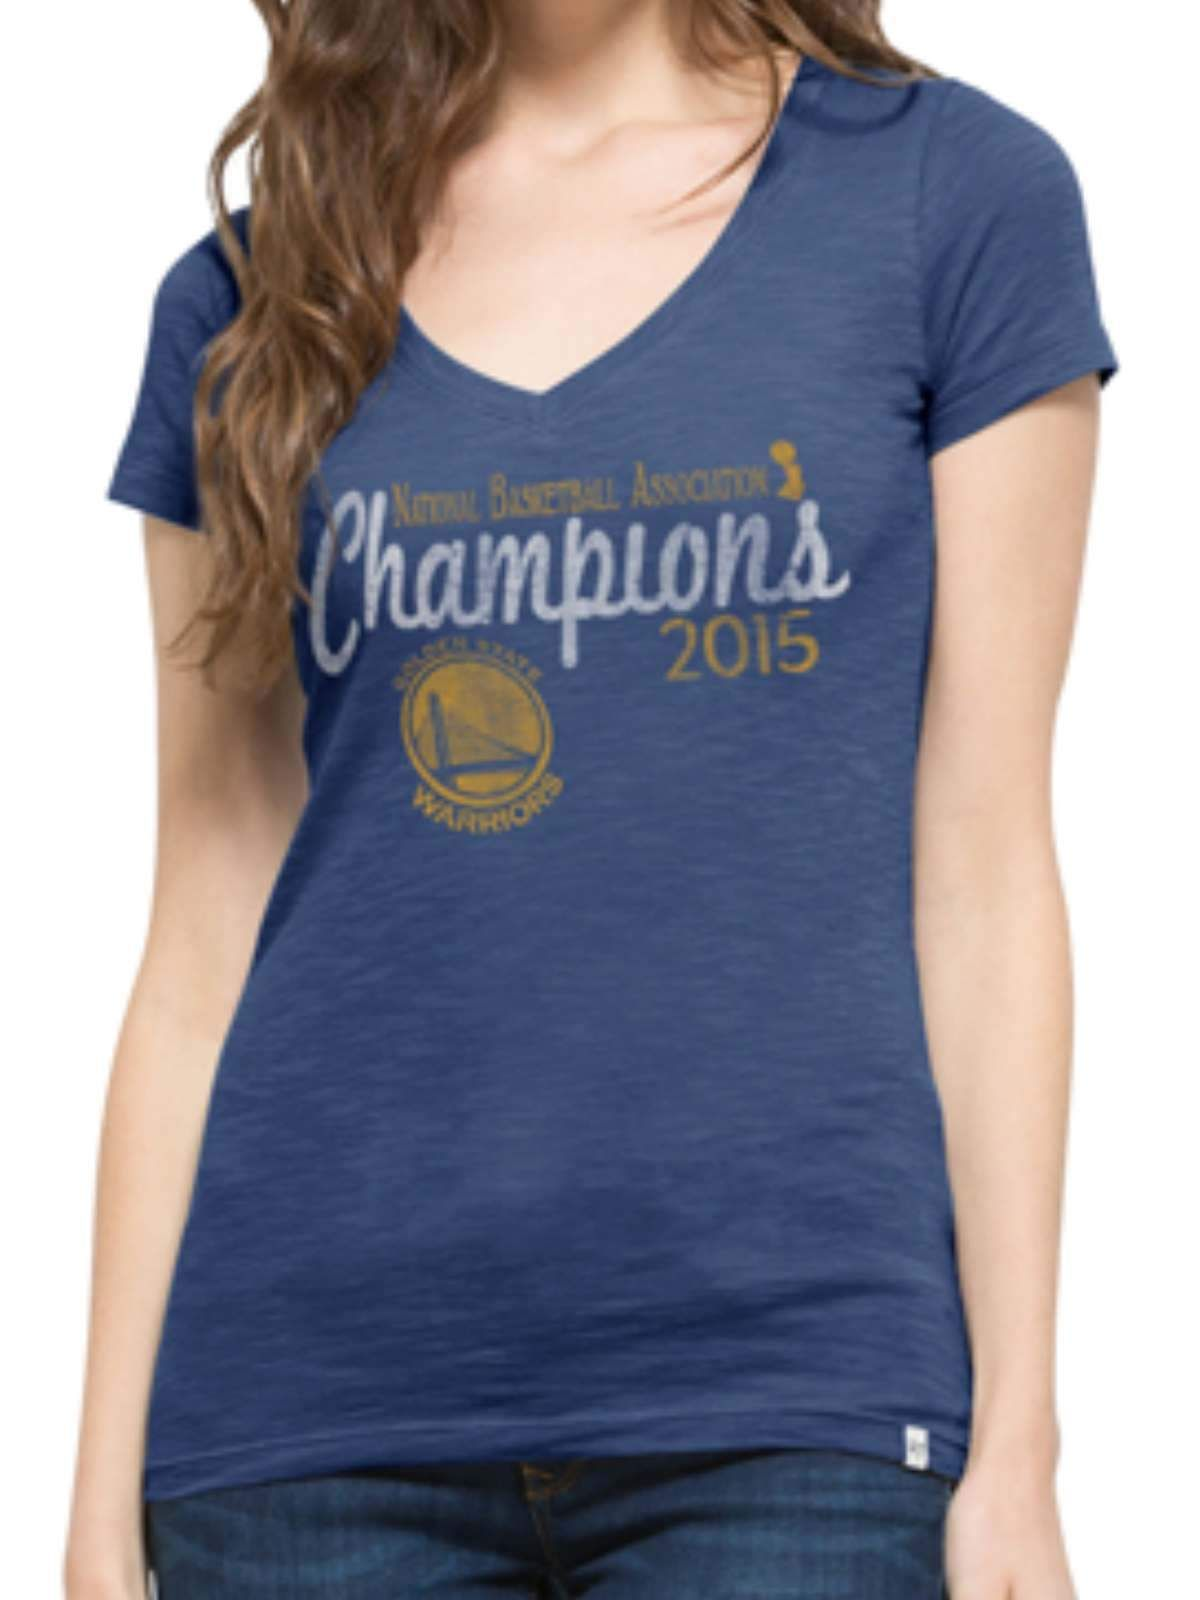 quality design 987a6 ecc70 Golden State Warriors 2015 NBA Finals Champions 47 Brand Women Scrum T-Shirt